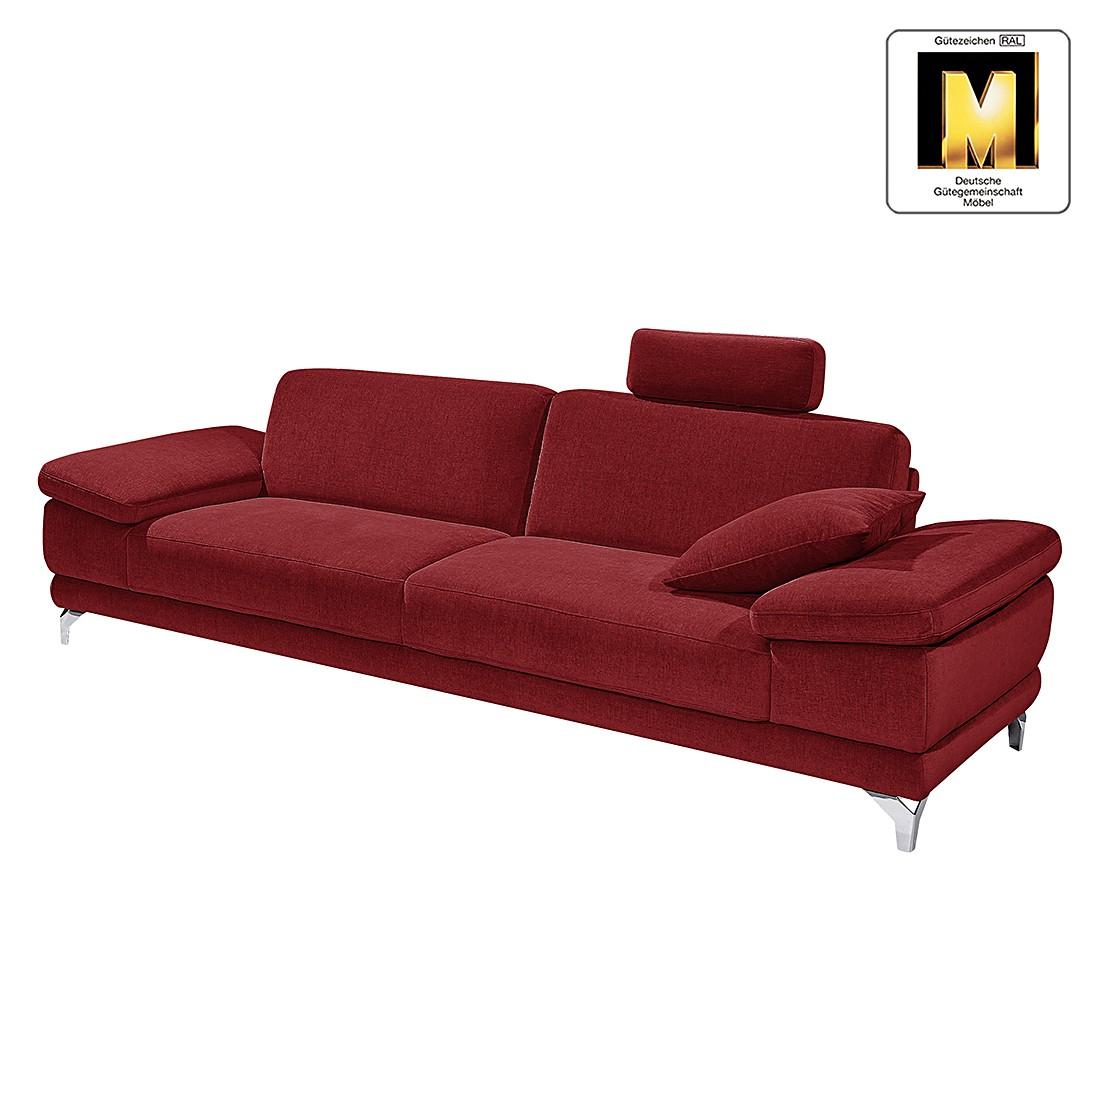 sofas mit verstellbaren armlehnen sonstige. Black Bedroom Furniture Sets. Home Design Ideas